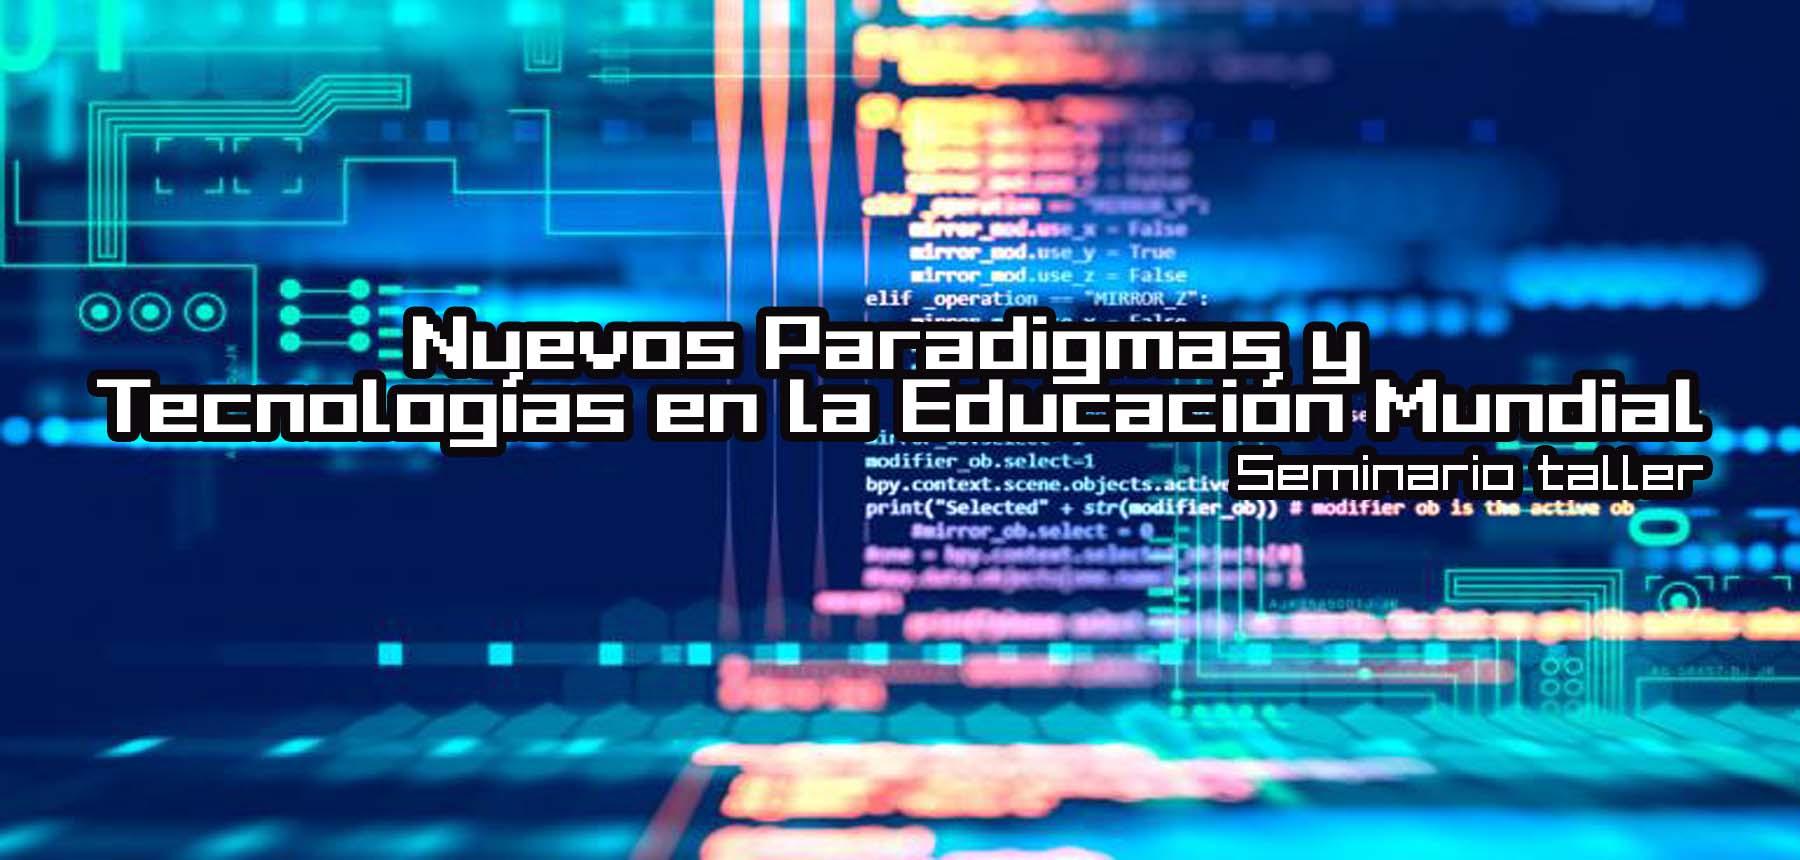 DiapositivaCursoBlog